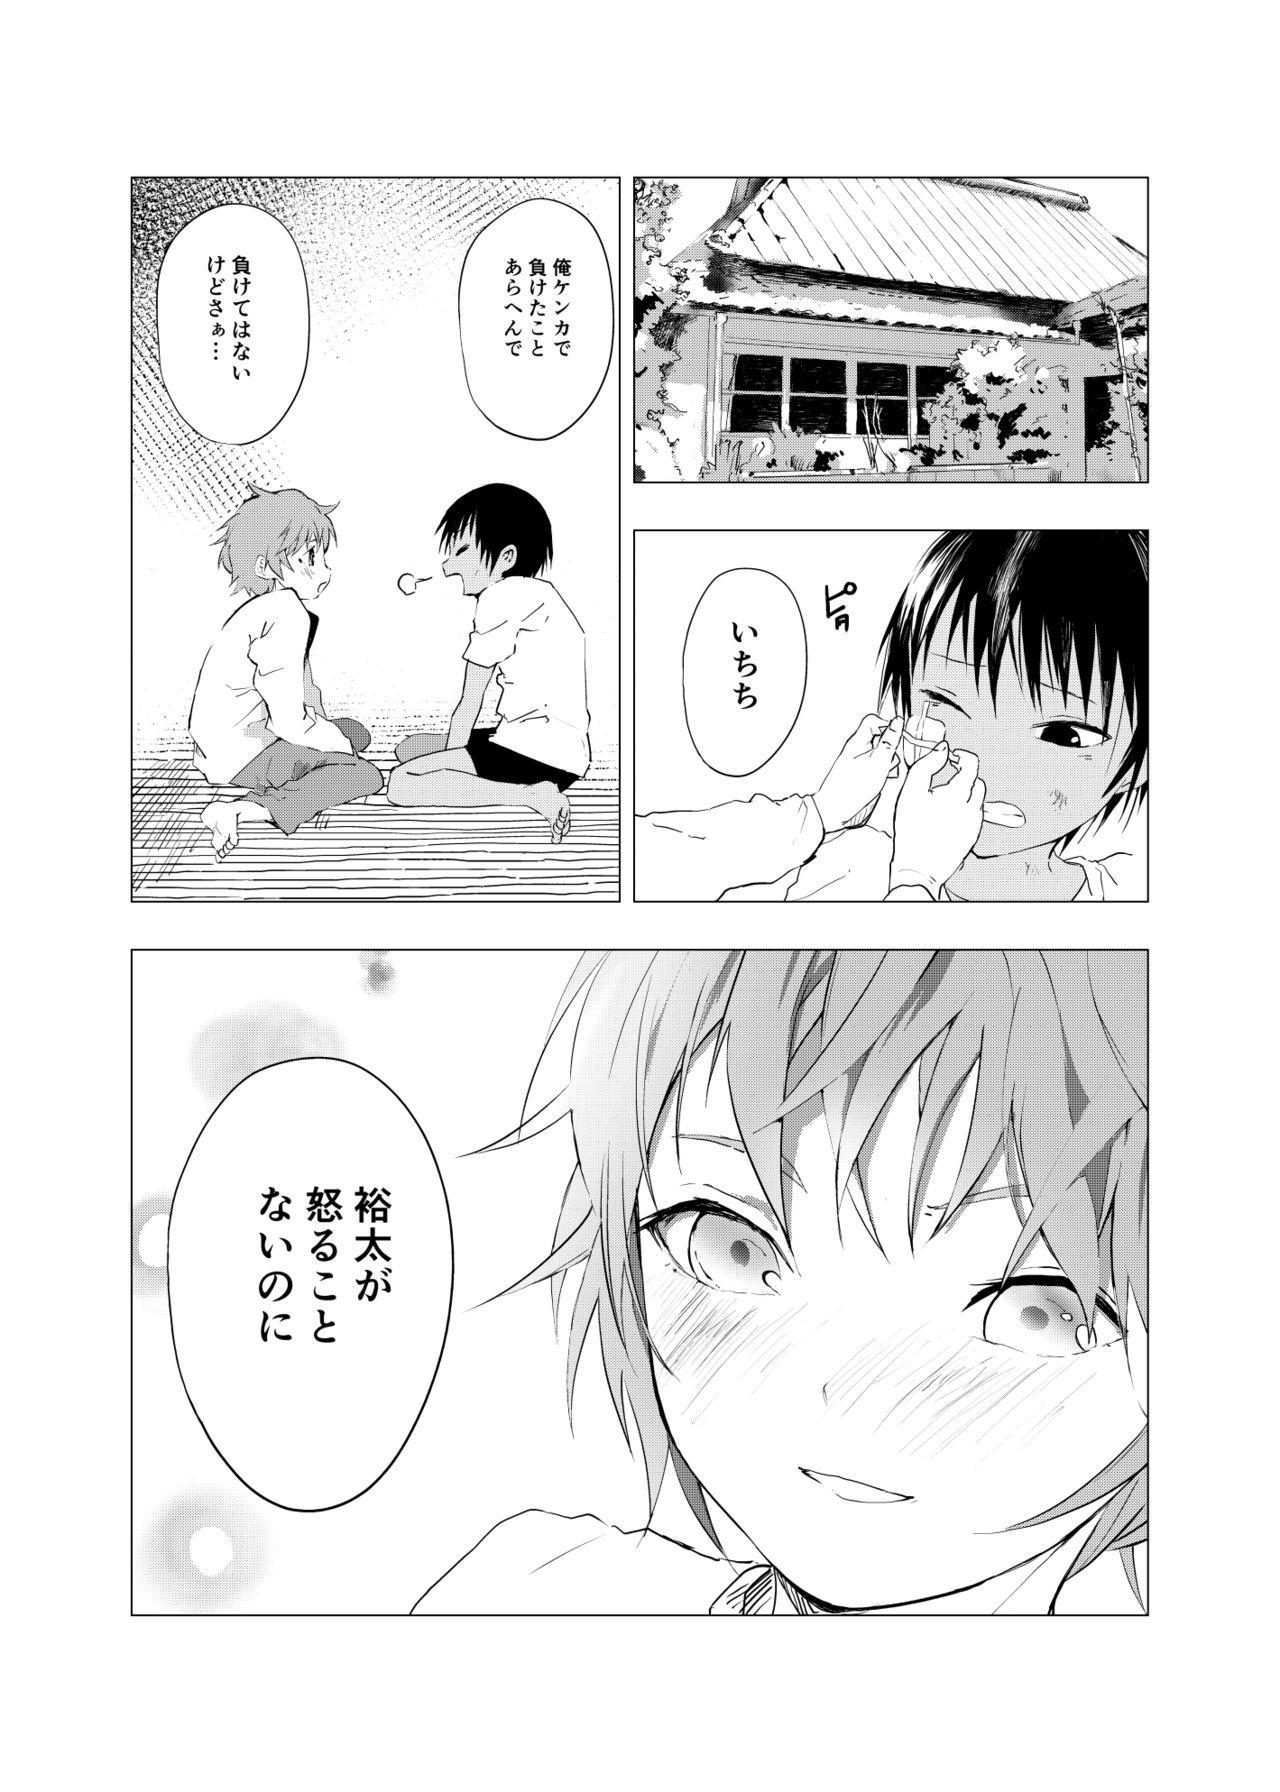 Inaka no Uke Shounen to Tokai no Seme Shounen no Ero Manga 1-6 101